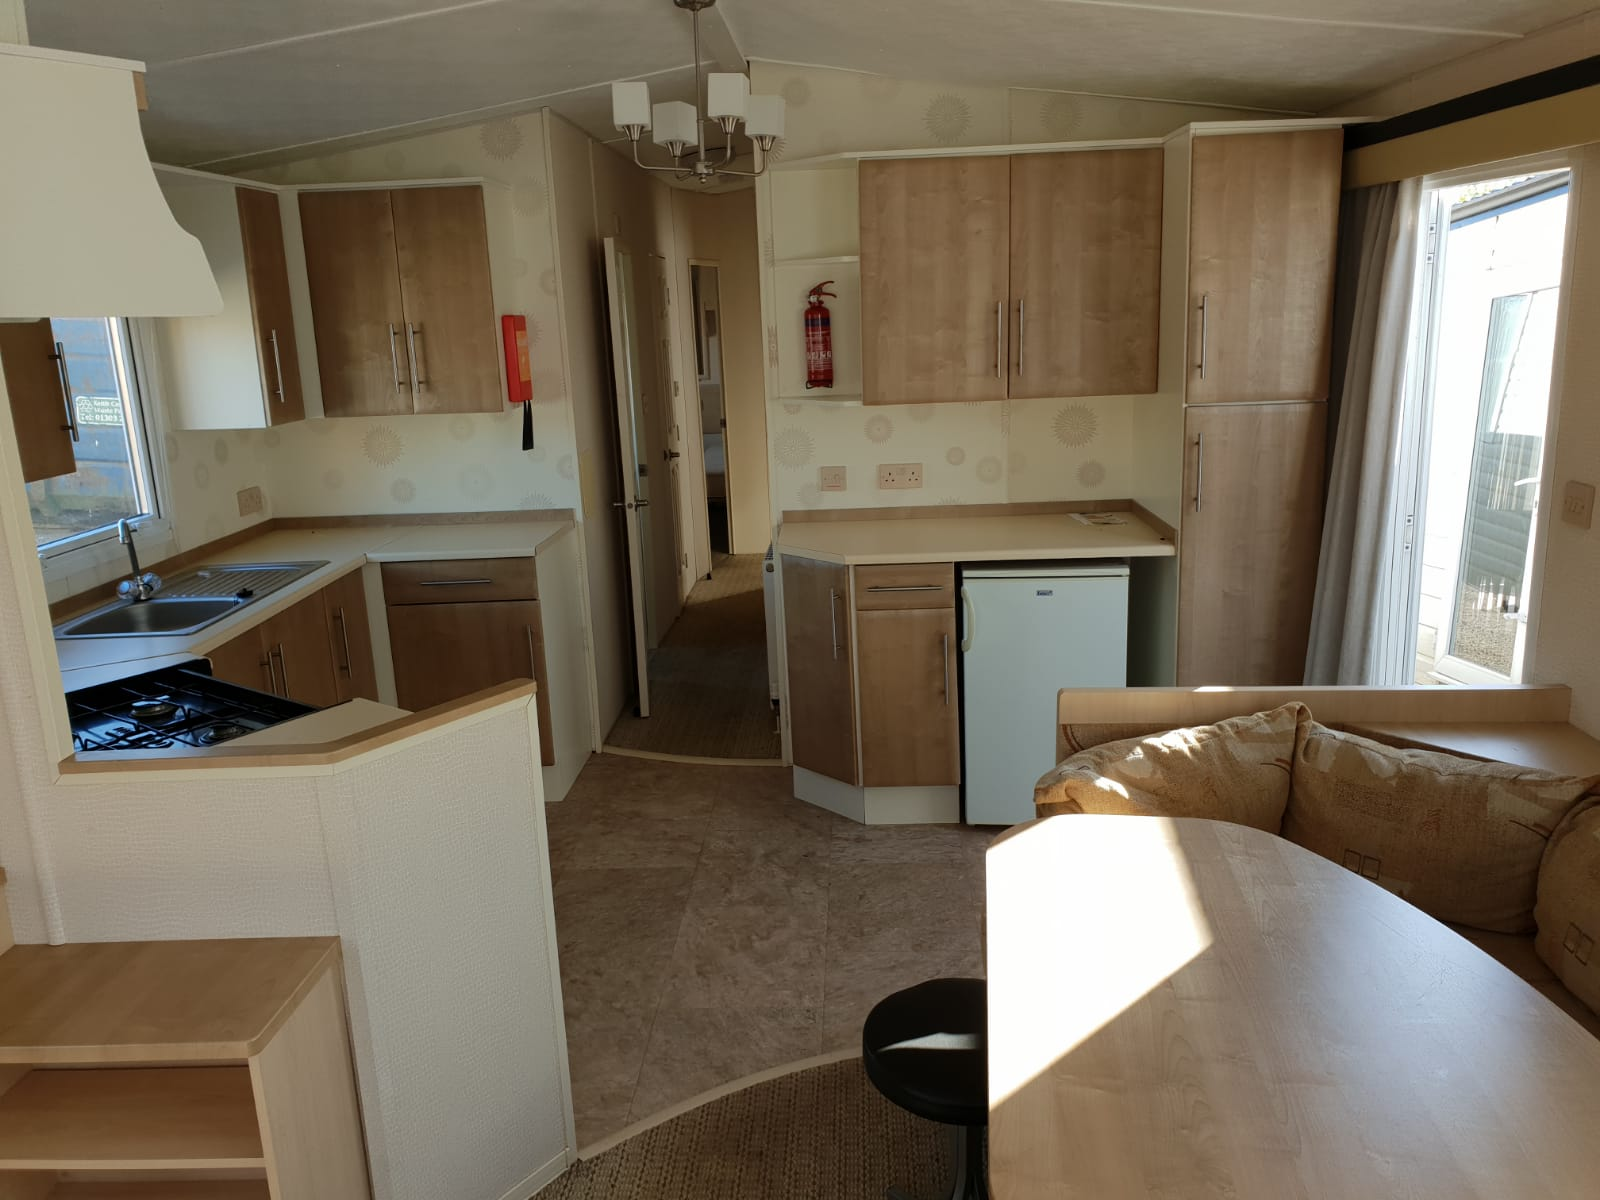 mobilheim gebraucht berlin brandenburg mobilheim in. Black Bedroom Furniture Sets. Home Design Ideas